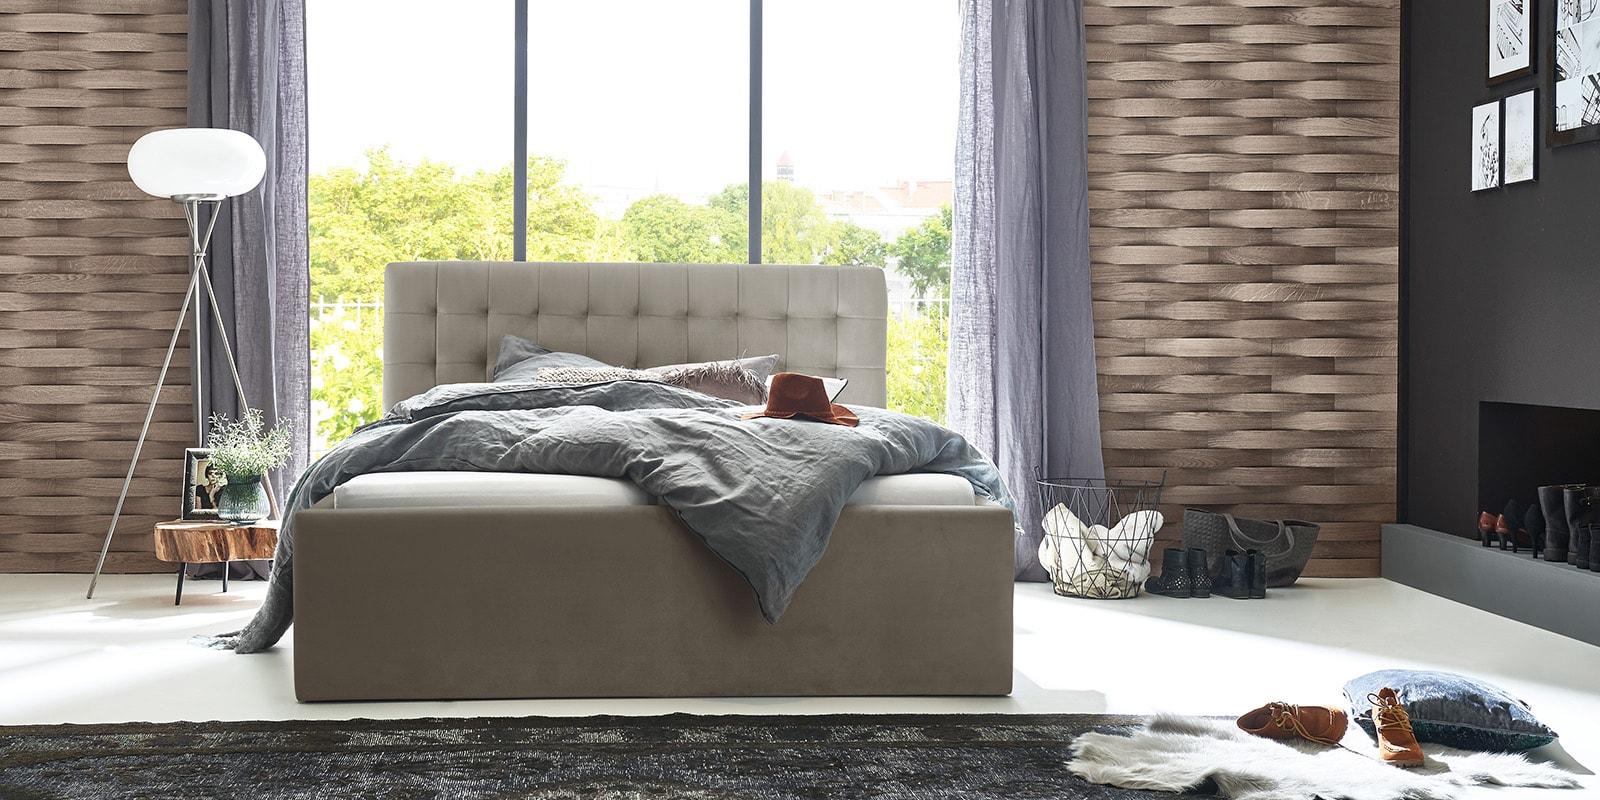 Moebella24 - Bett - mit - Bettkasten - Molly - Samt - Altweiß - Stauraum - Bettkasten - und - Lattenrost - vormontiert - verstärkte - Dämpfer - Frontal